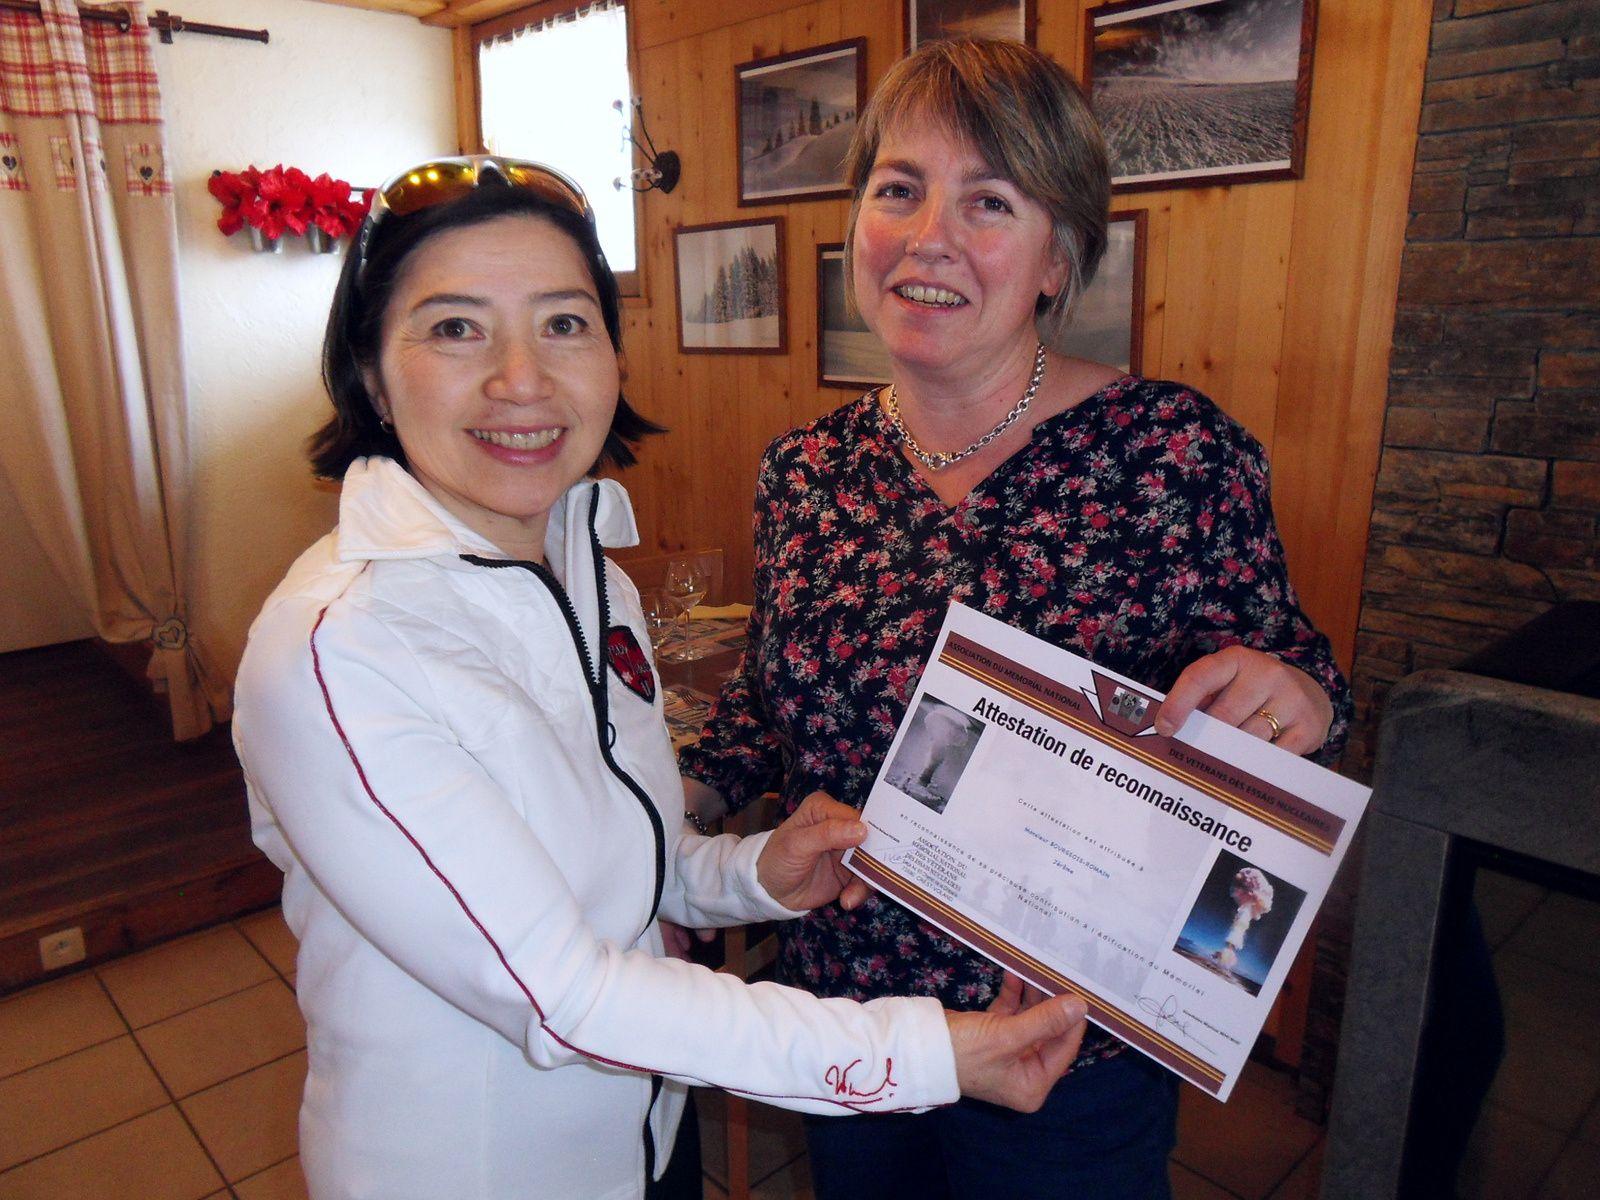 Photo Roland PICAUD: La marraine Anh Dao TRAXEL a eu plaisir de remettre cette attestation de reconnaissance